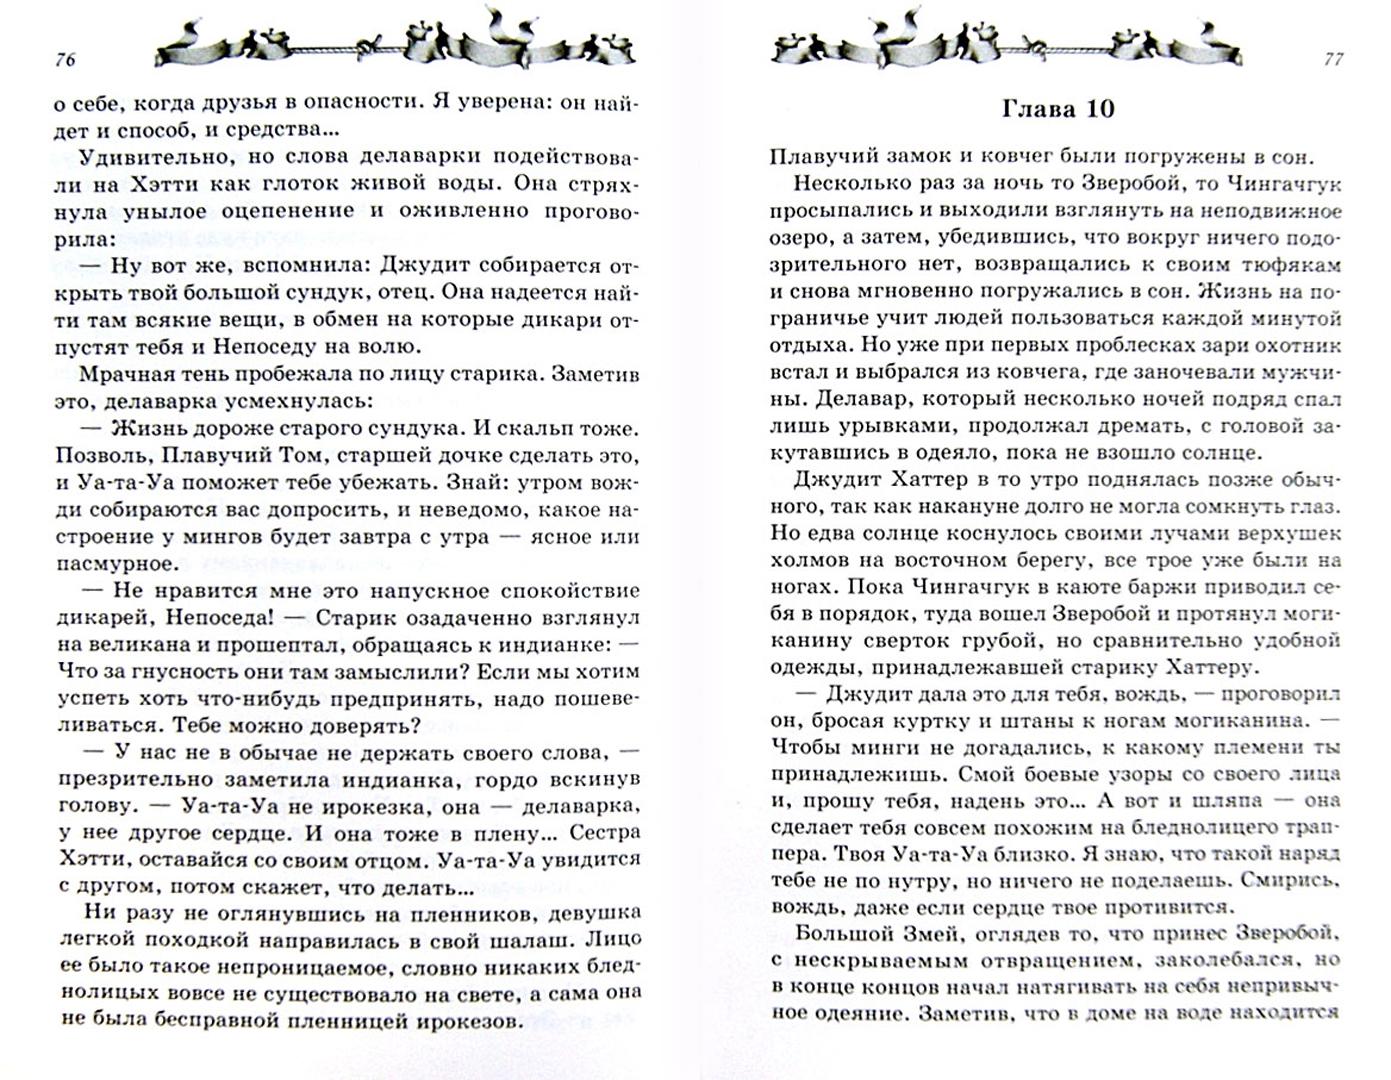 Иллюстрация 1 из 7 для Зверобой - Джеймс Купер   Лабиринт - книги. Источник: Лабиринт